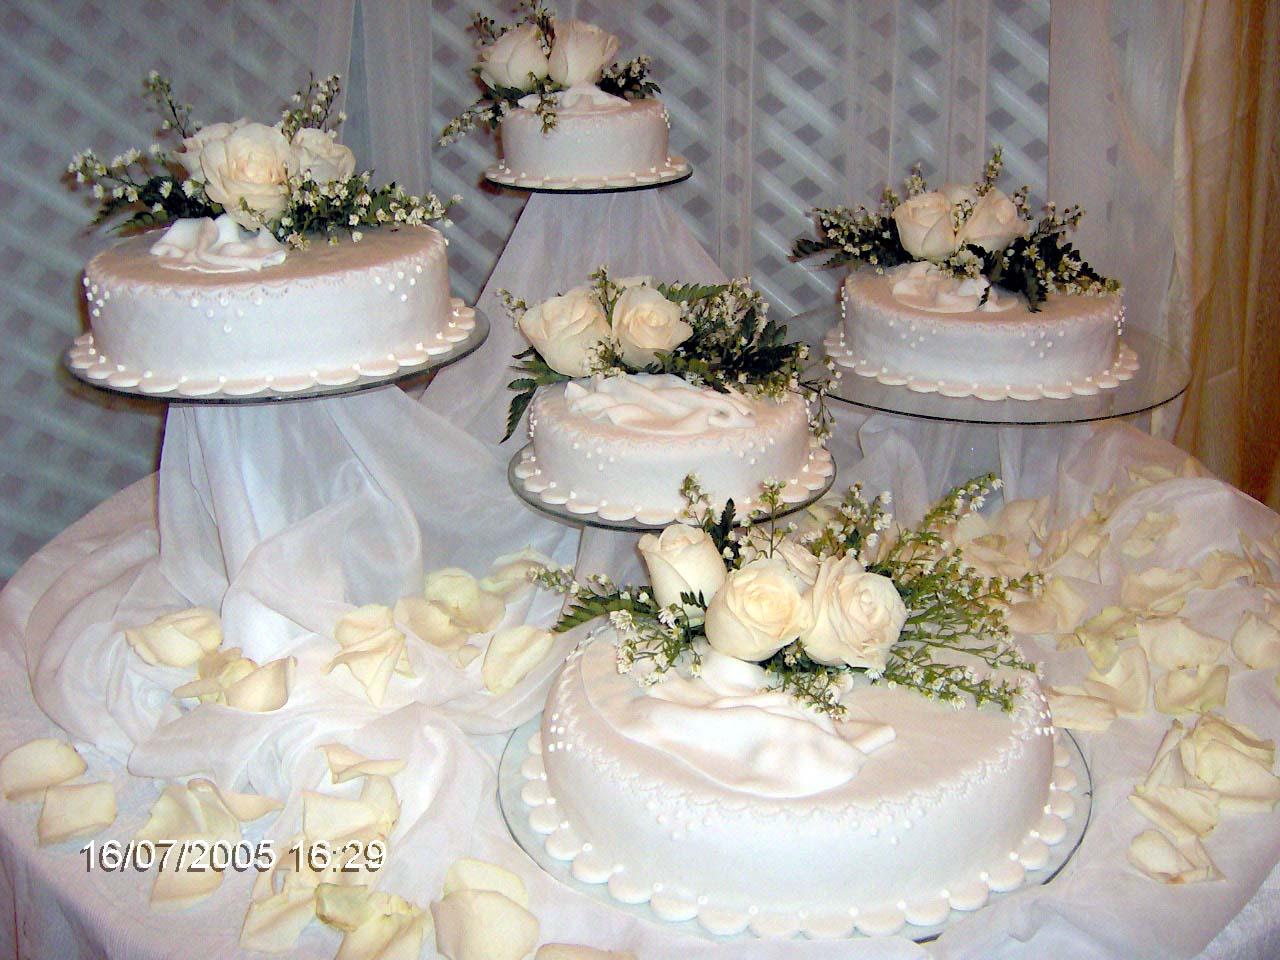 Tortas decoradas para bodas y quince a os en valencia for Tortas decoradas sencillas